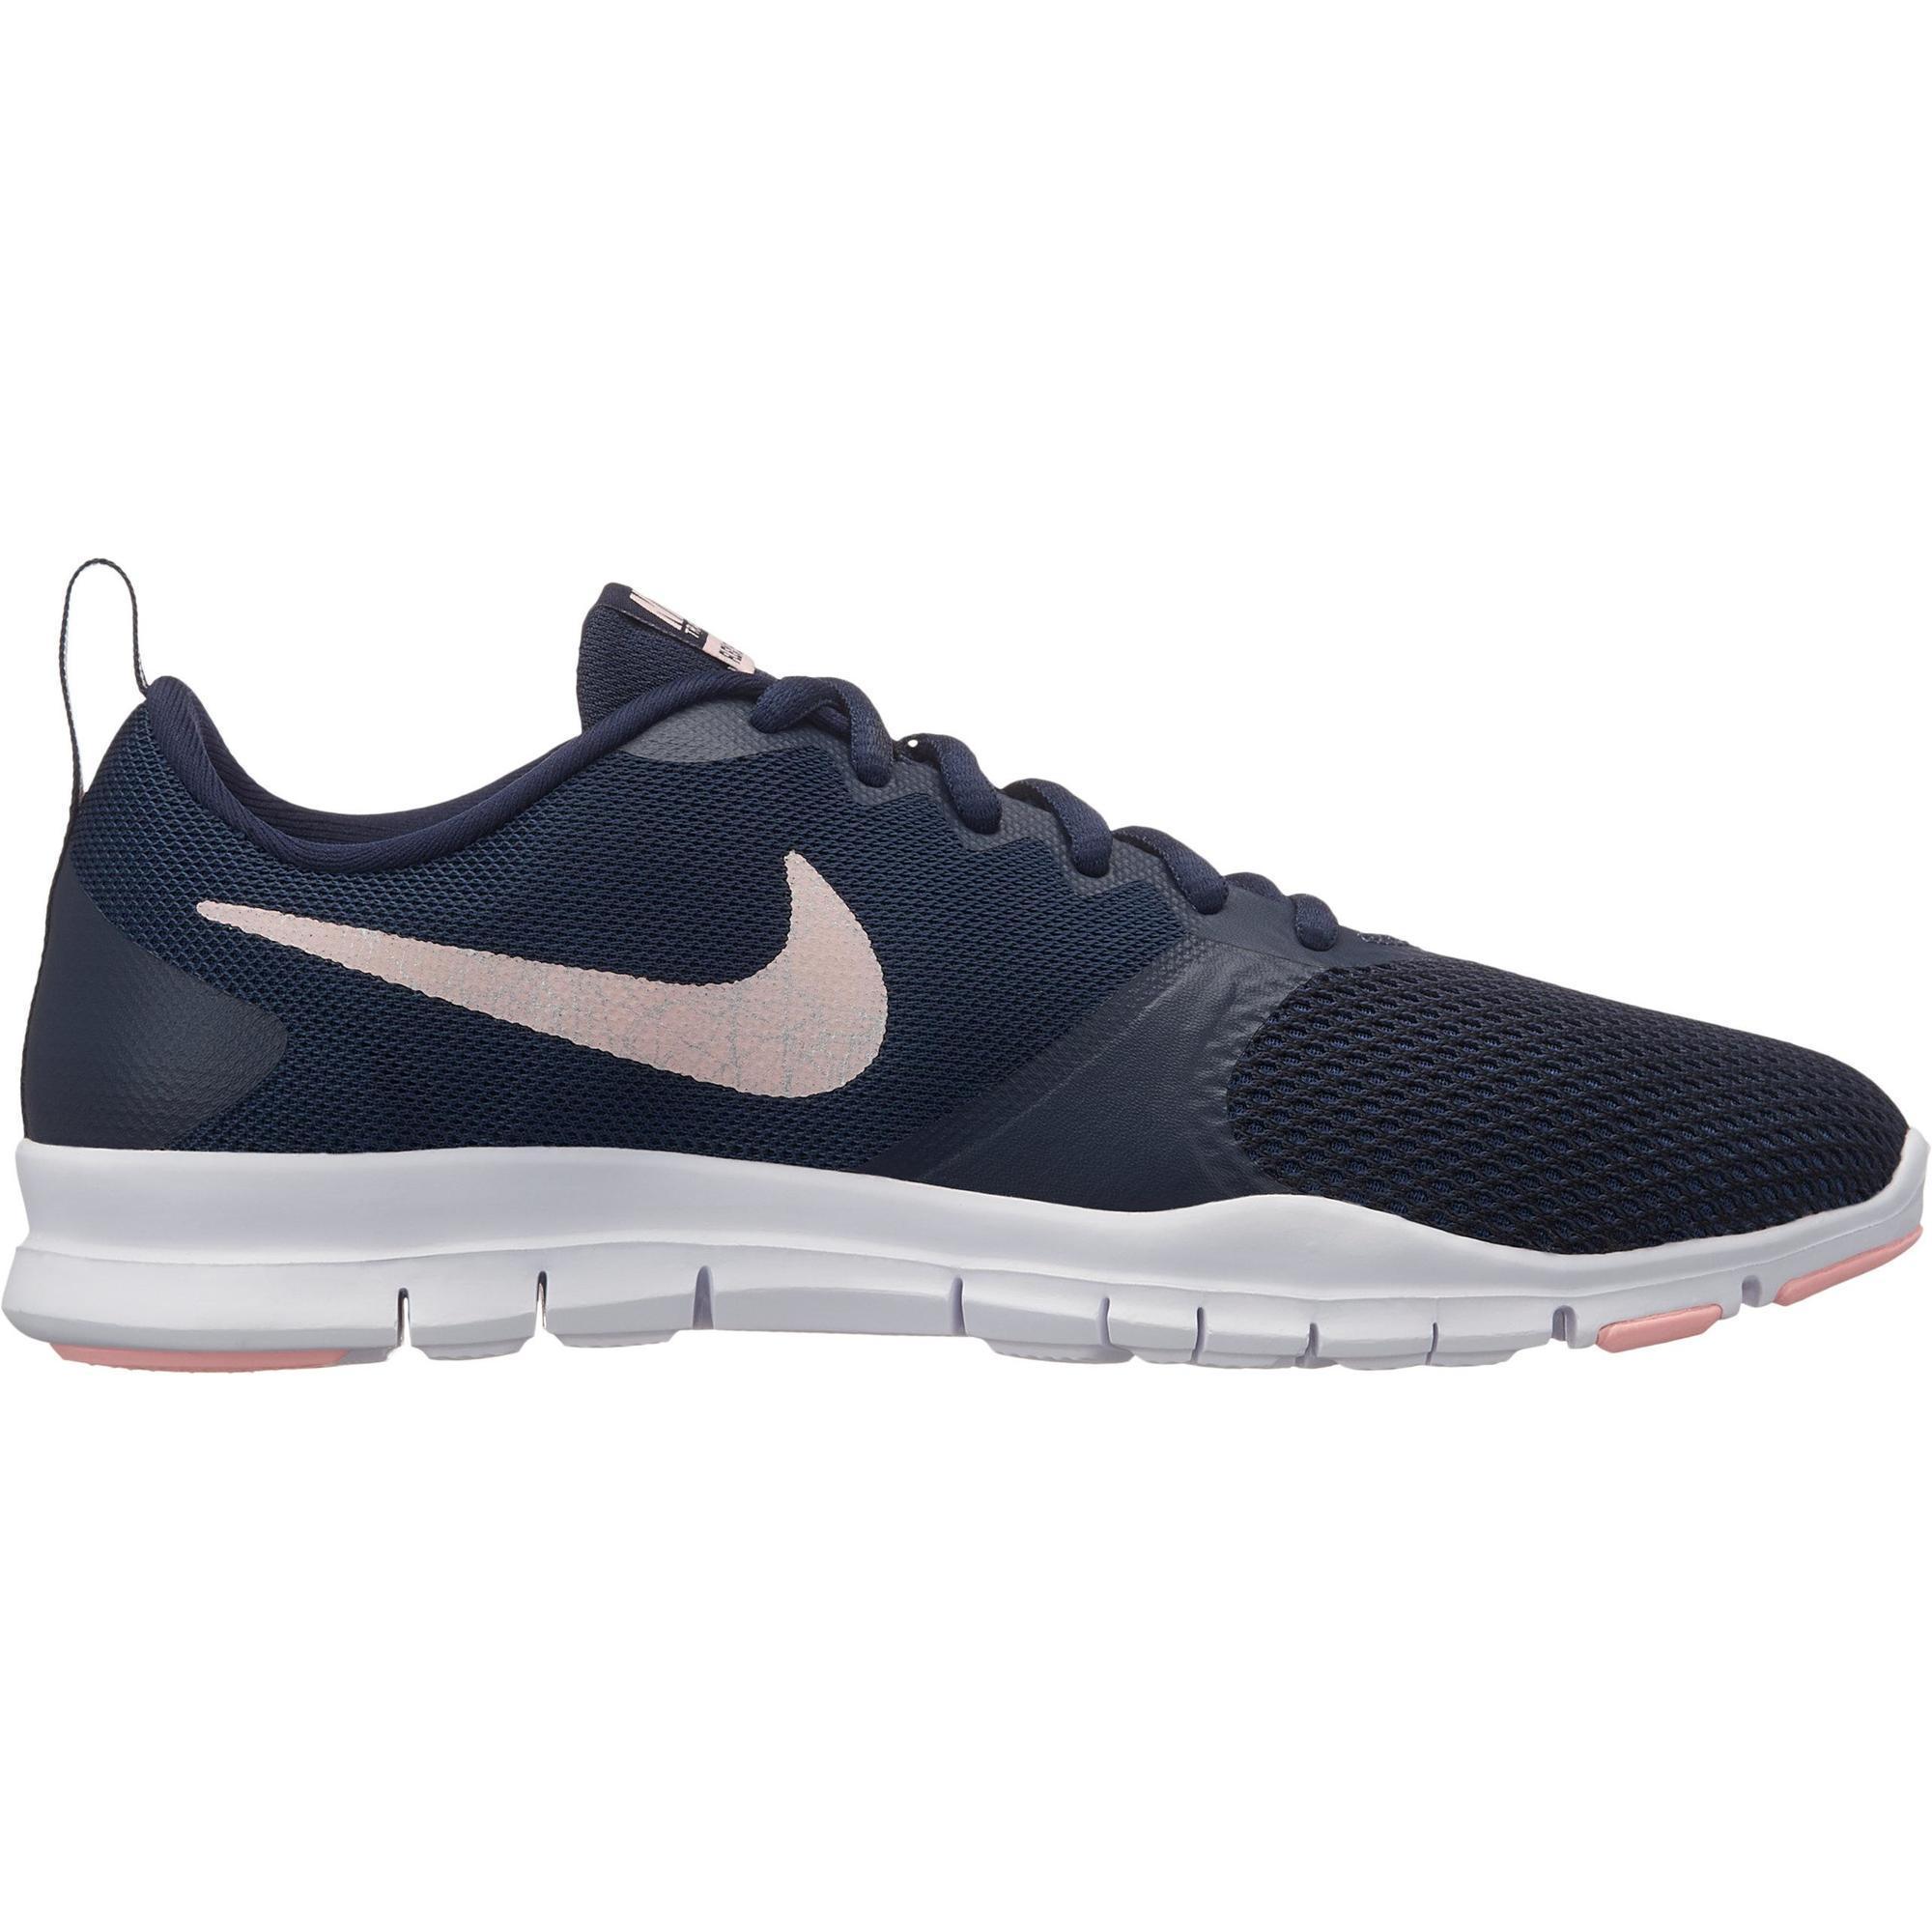 2617328 Nike Cardiofitness schoenen Nike Flex Essential voor dames blauw en roze